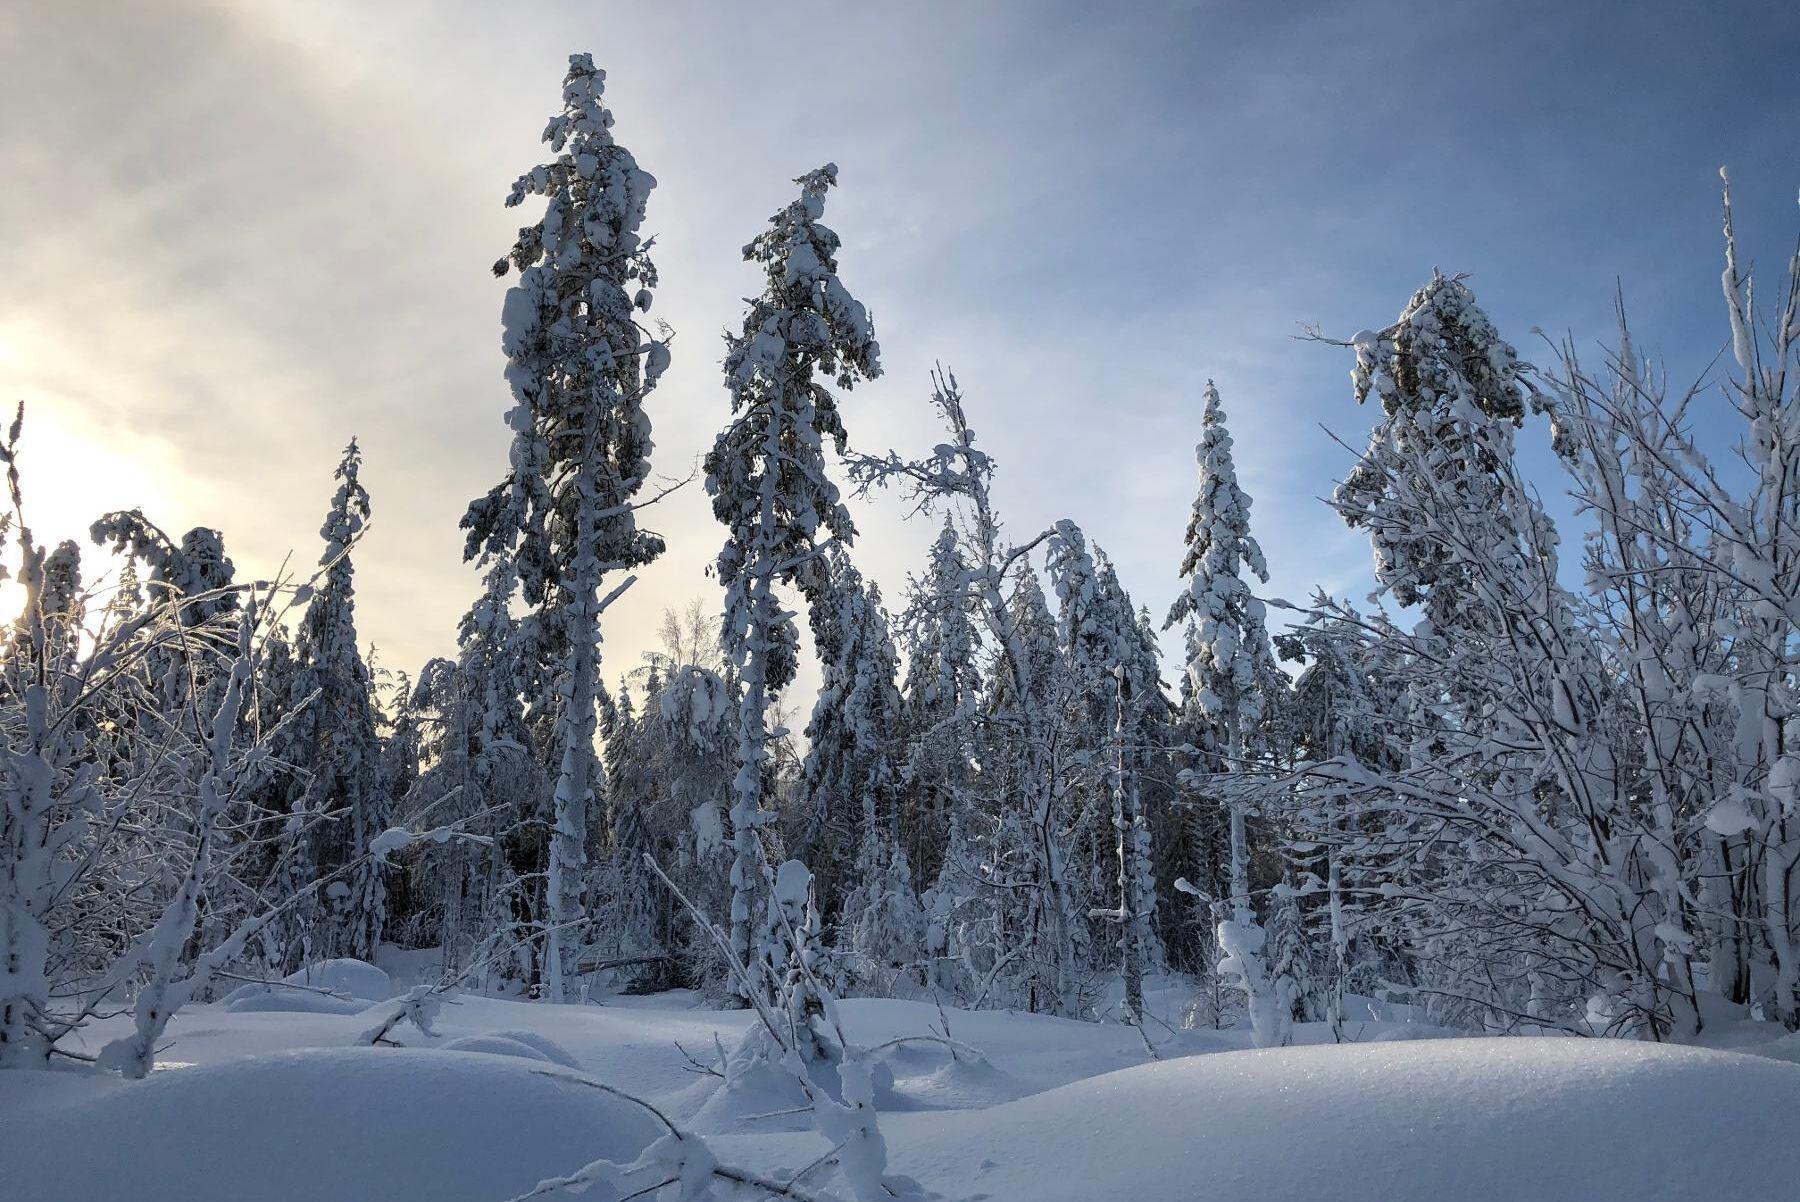 Blötsnö som frusit fast i kronorna knäcker träden, och riskerna bedöms minska först när det börjar töa.